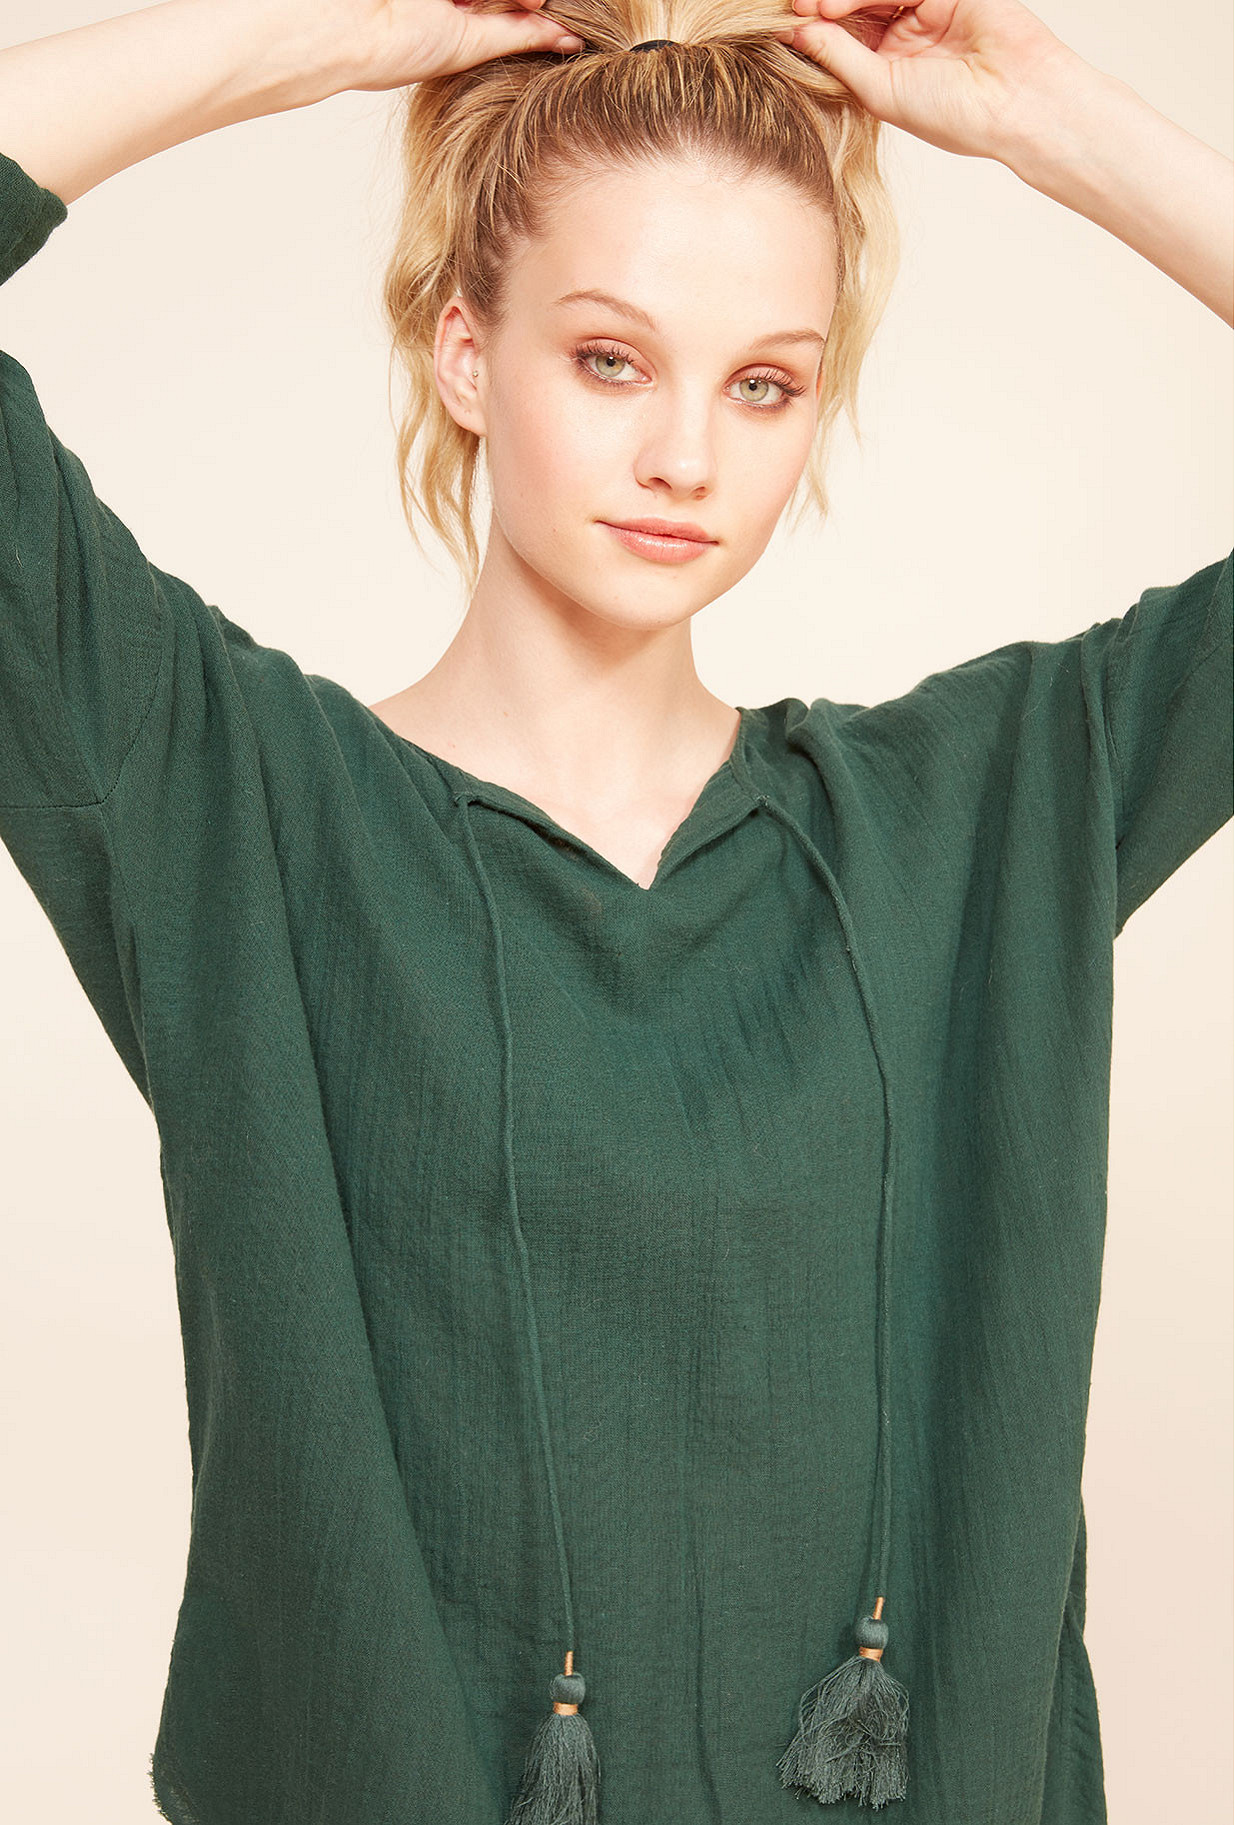 Blouse Vert  Digest mes demoiselles paris vêtement femme paris